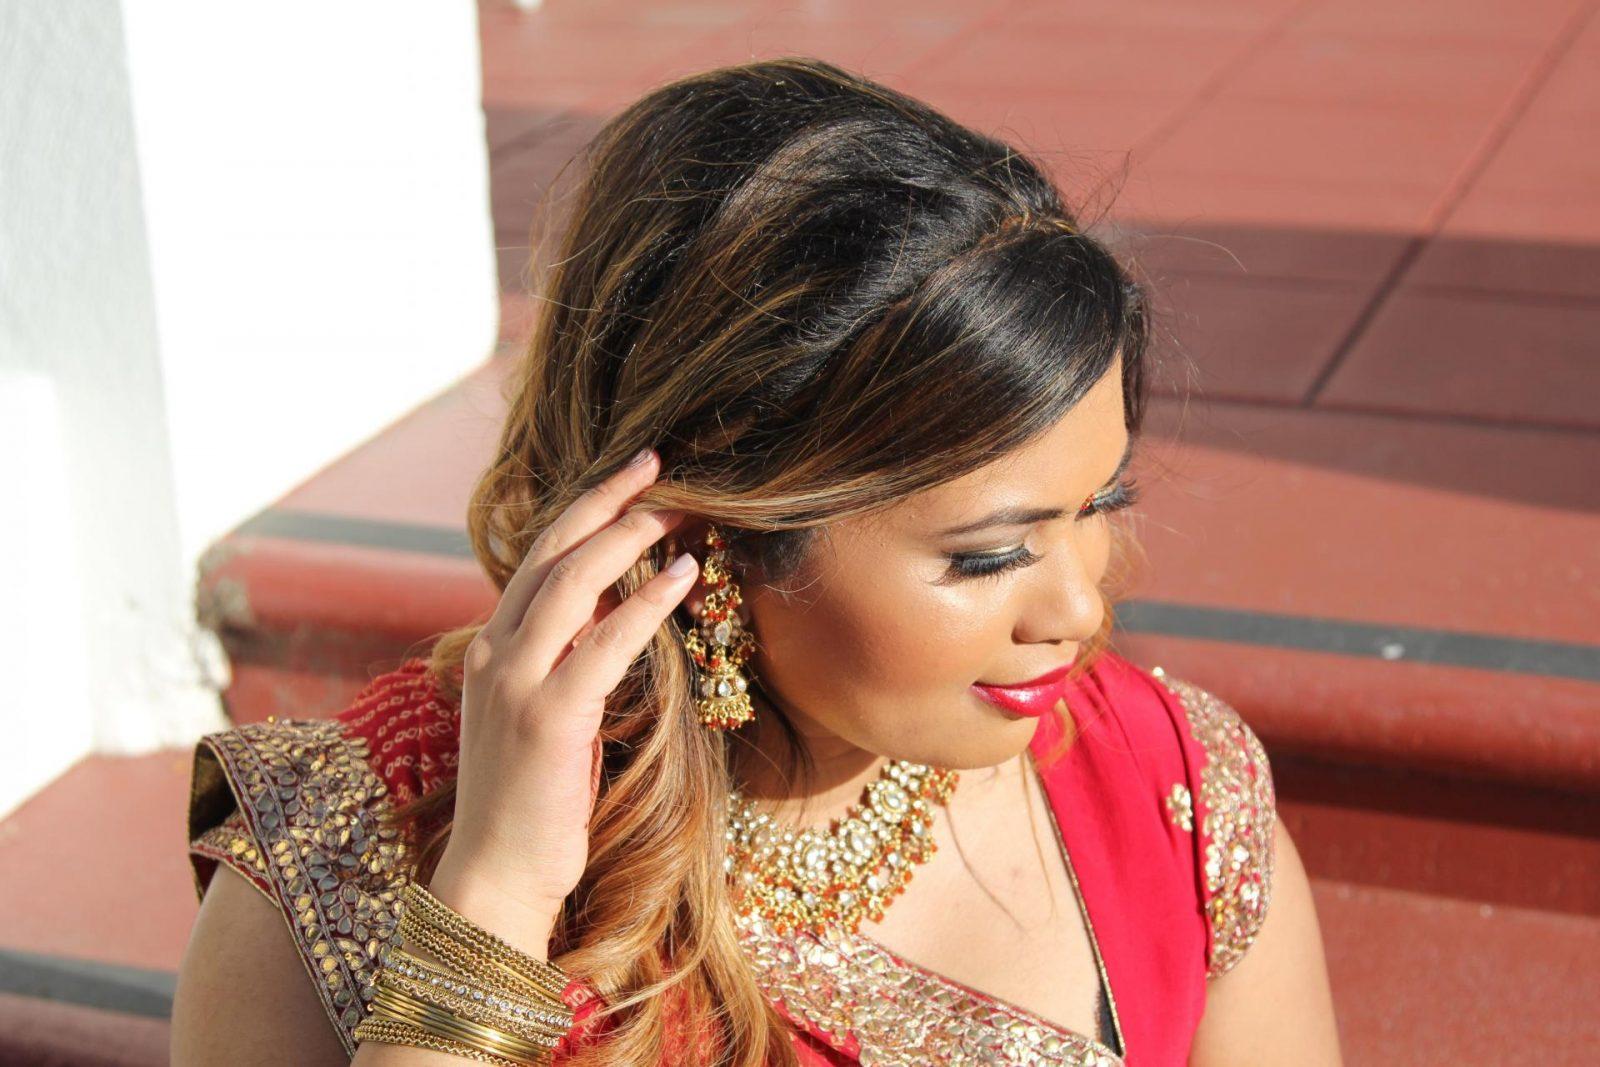 Indian Wedding Gujarati Styled Sari | Garba Night Outfit